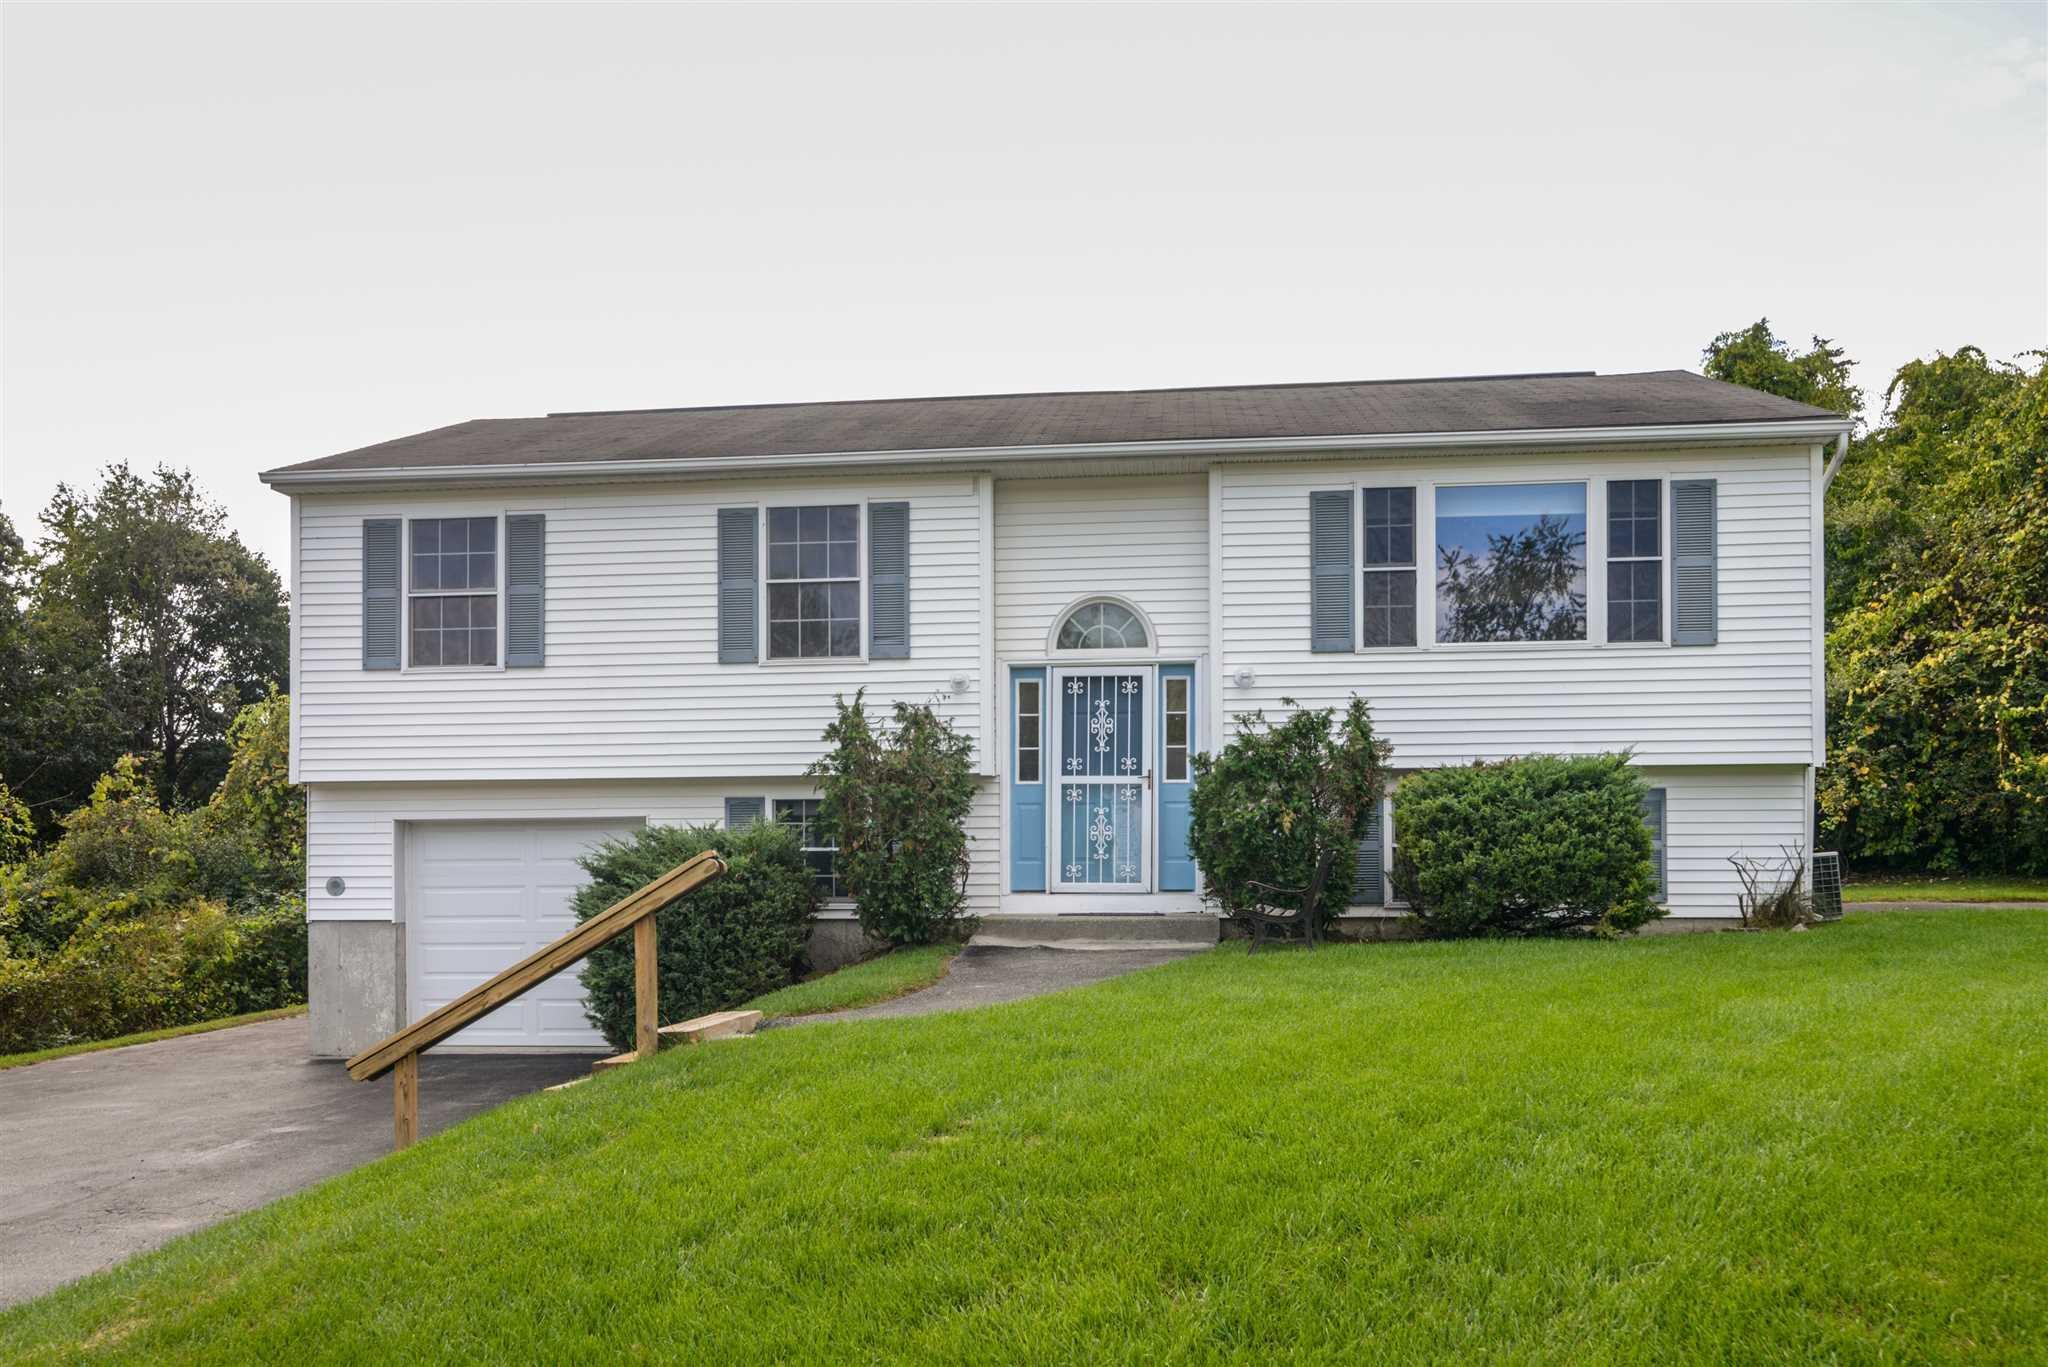 Single Family Home for Sale at 6 HEMLOCK LANE 6 HEMLOCK LANE Dover Plains, New York 12594 United States